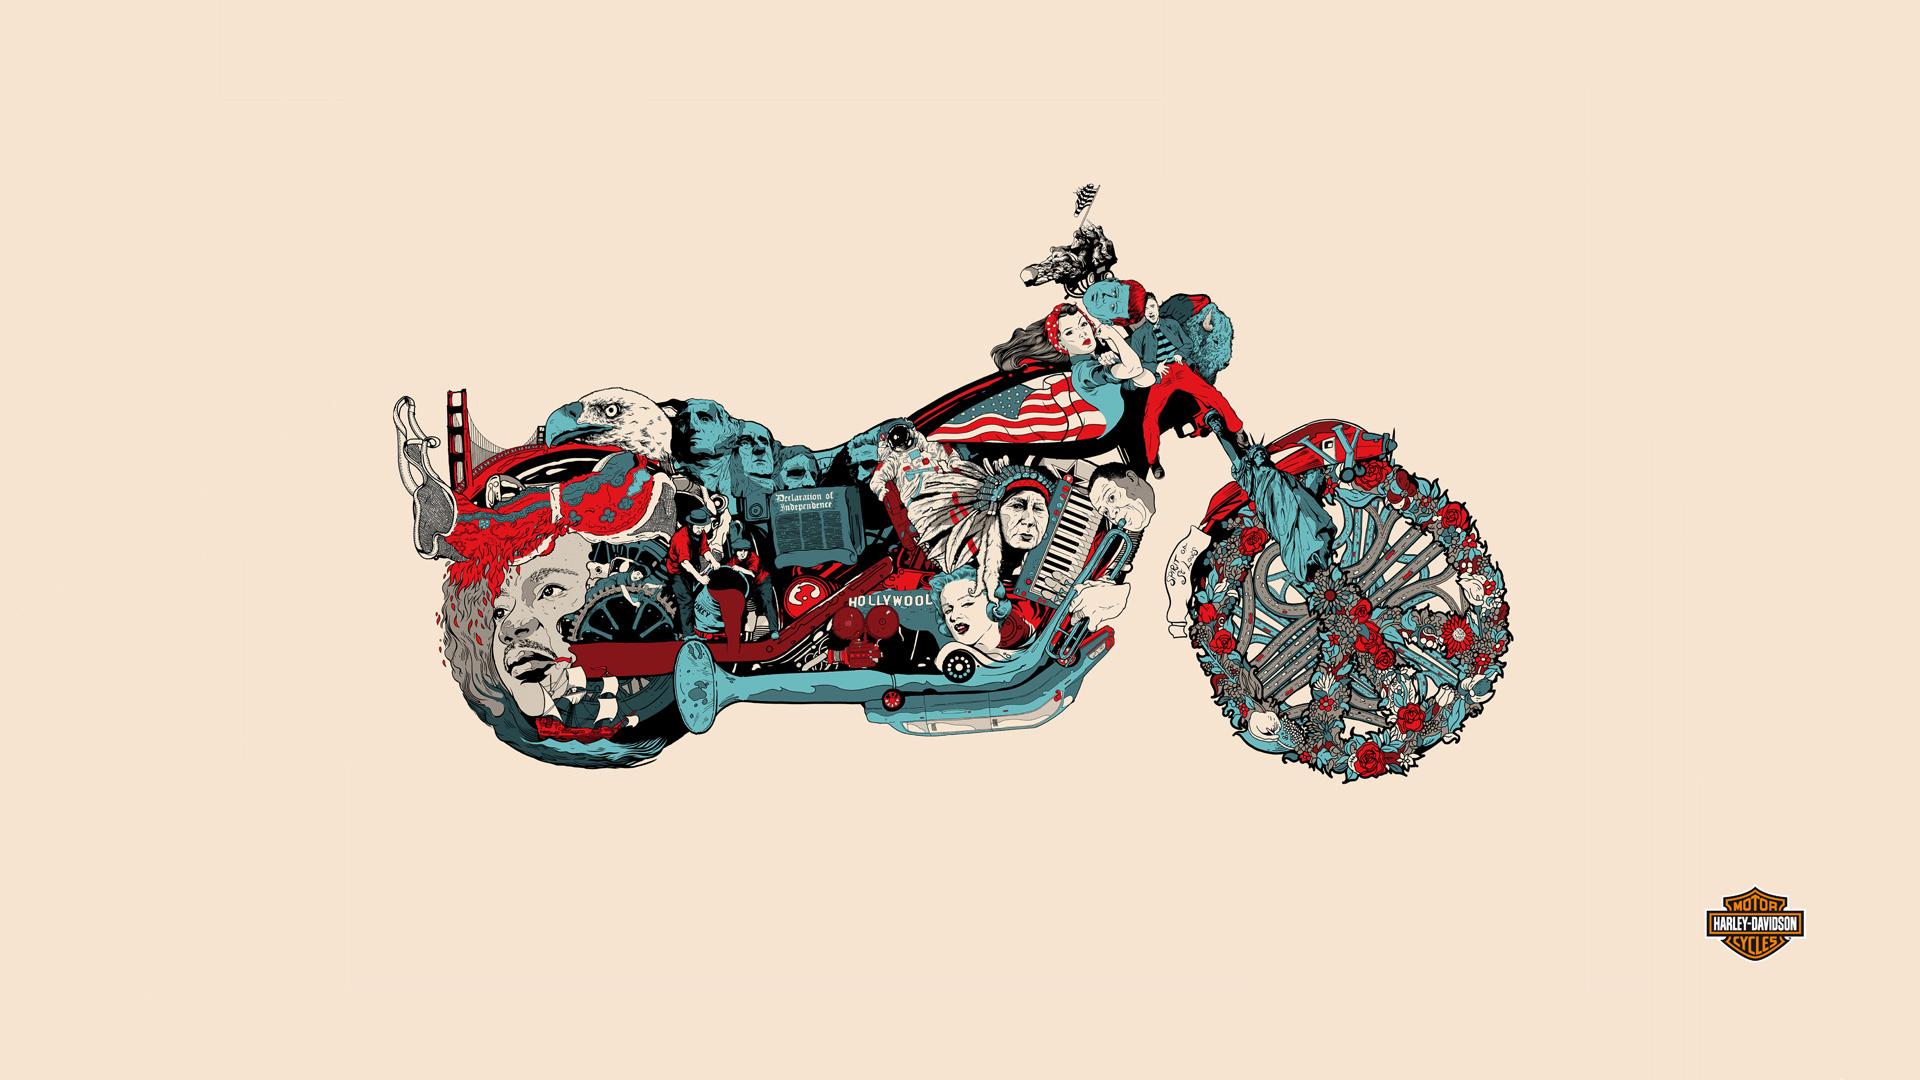 Sfondi Illustrazione Motociclo Veicolo Cartone Animato Storia